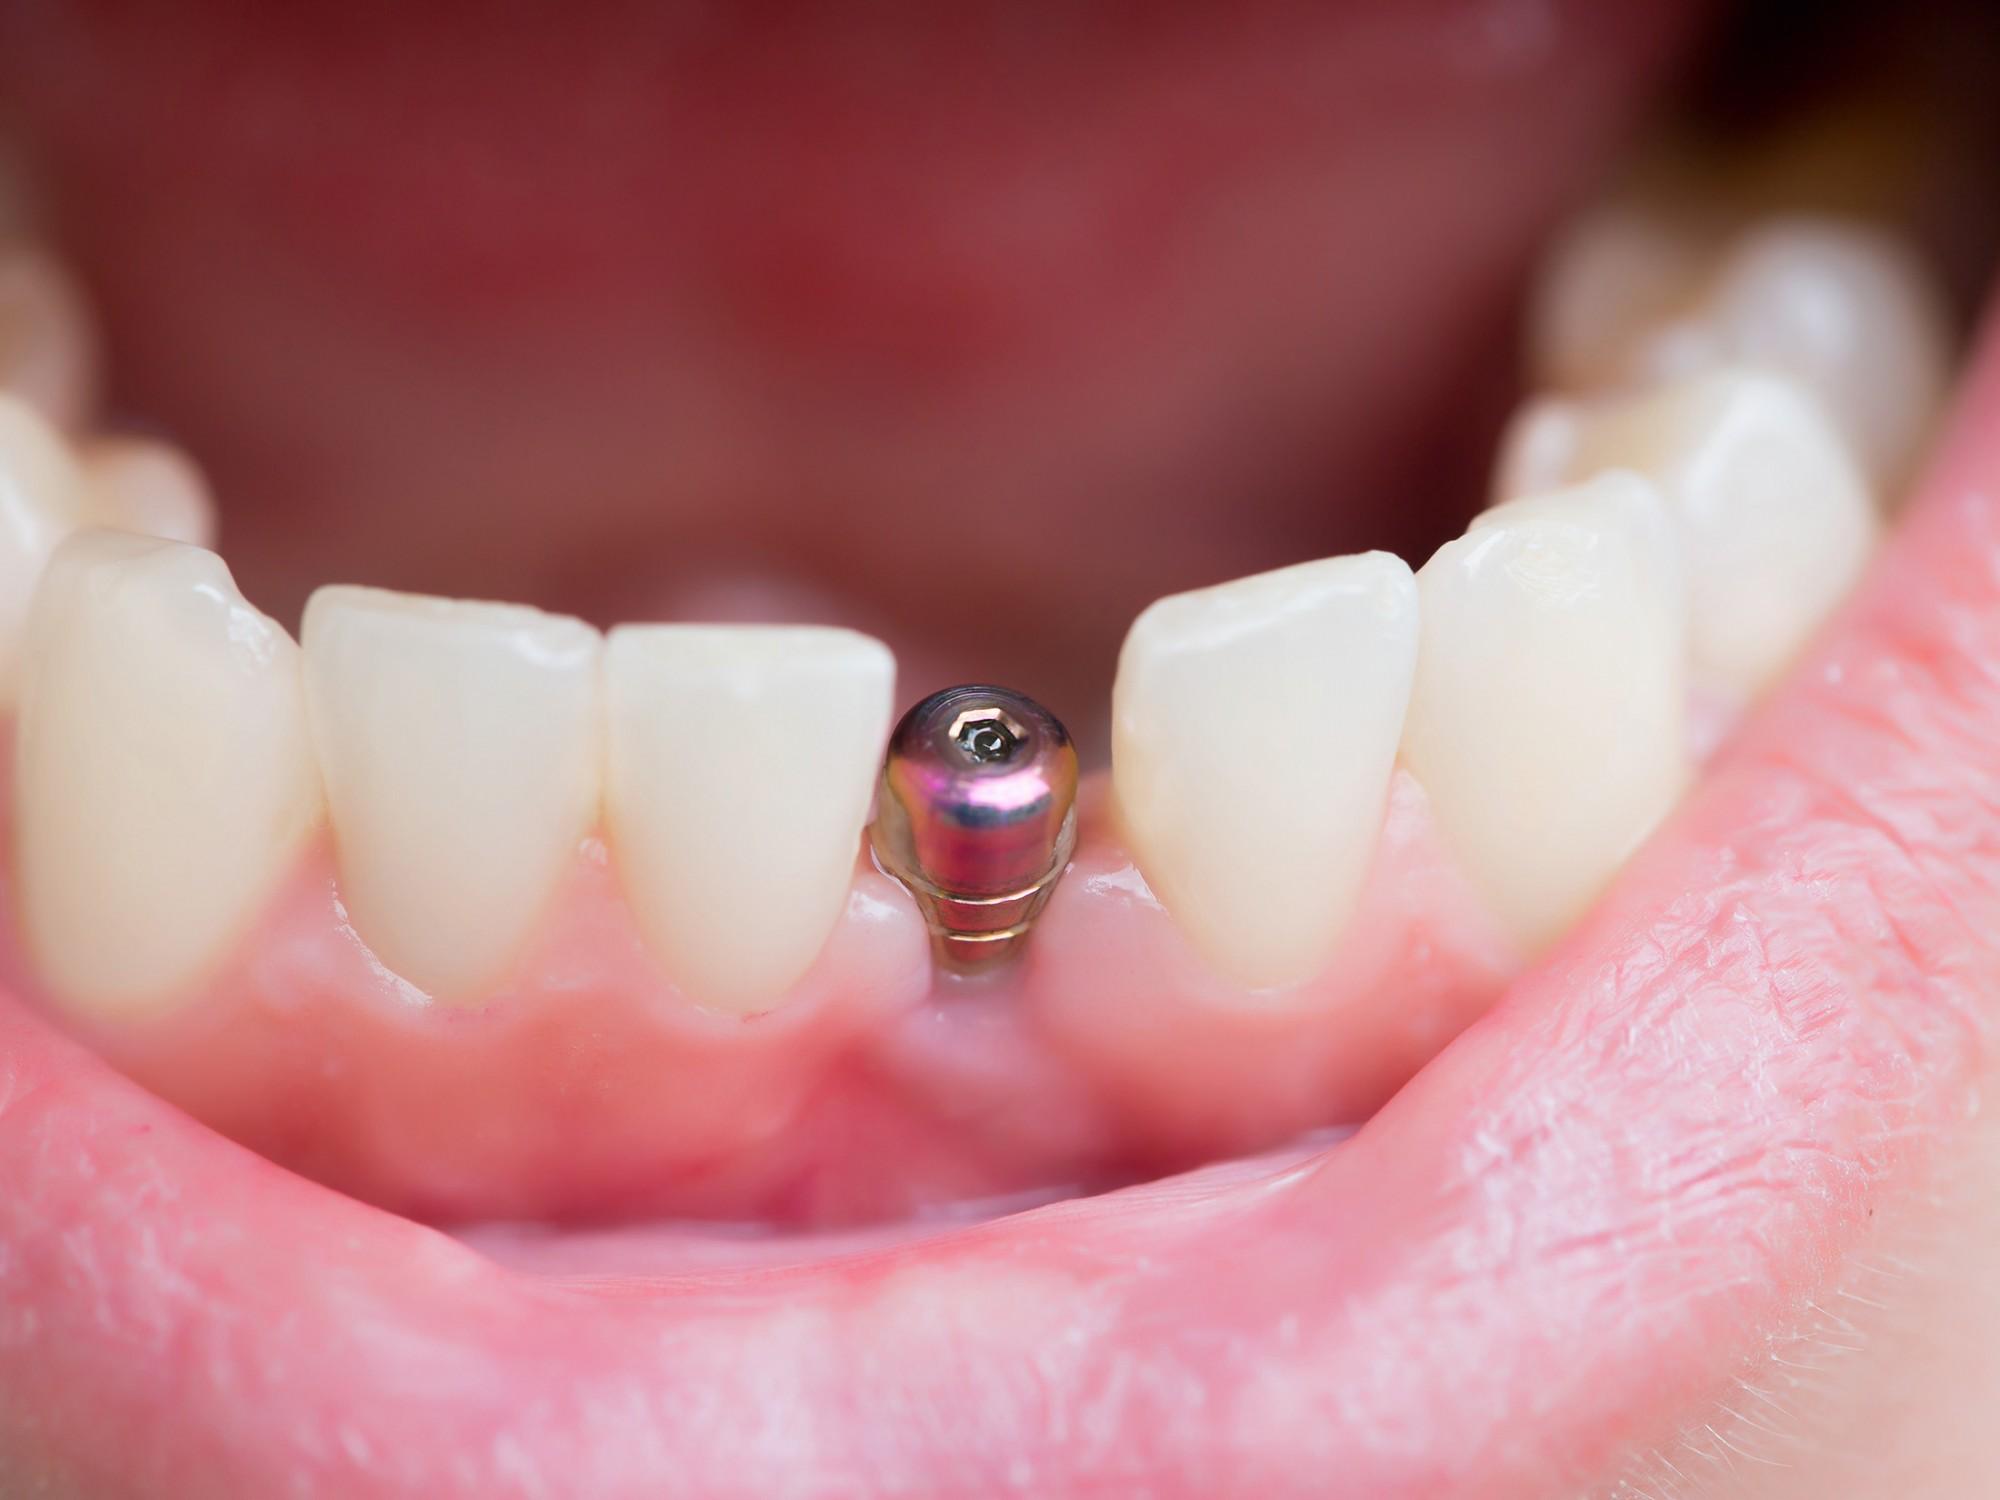 Implant dentaire : qu'est-ce que c'est ?